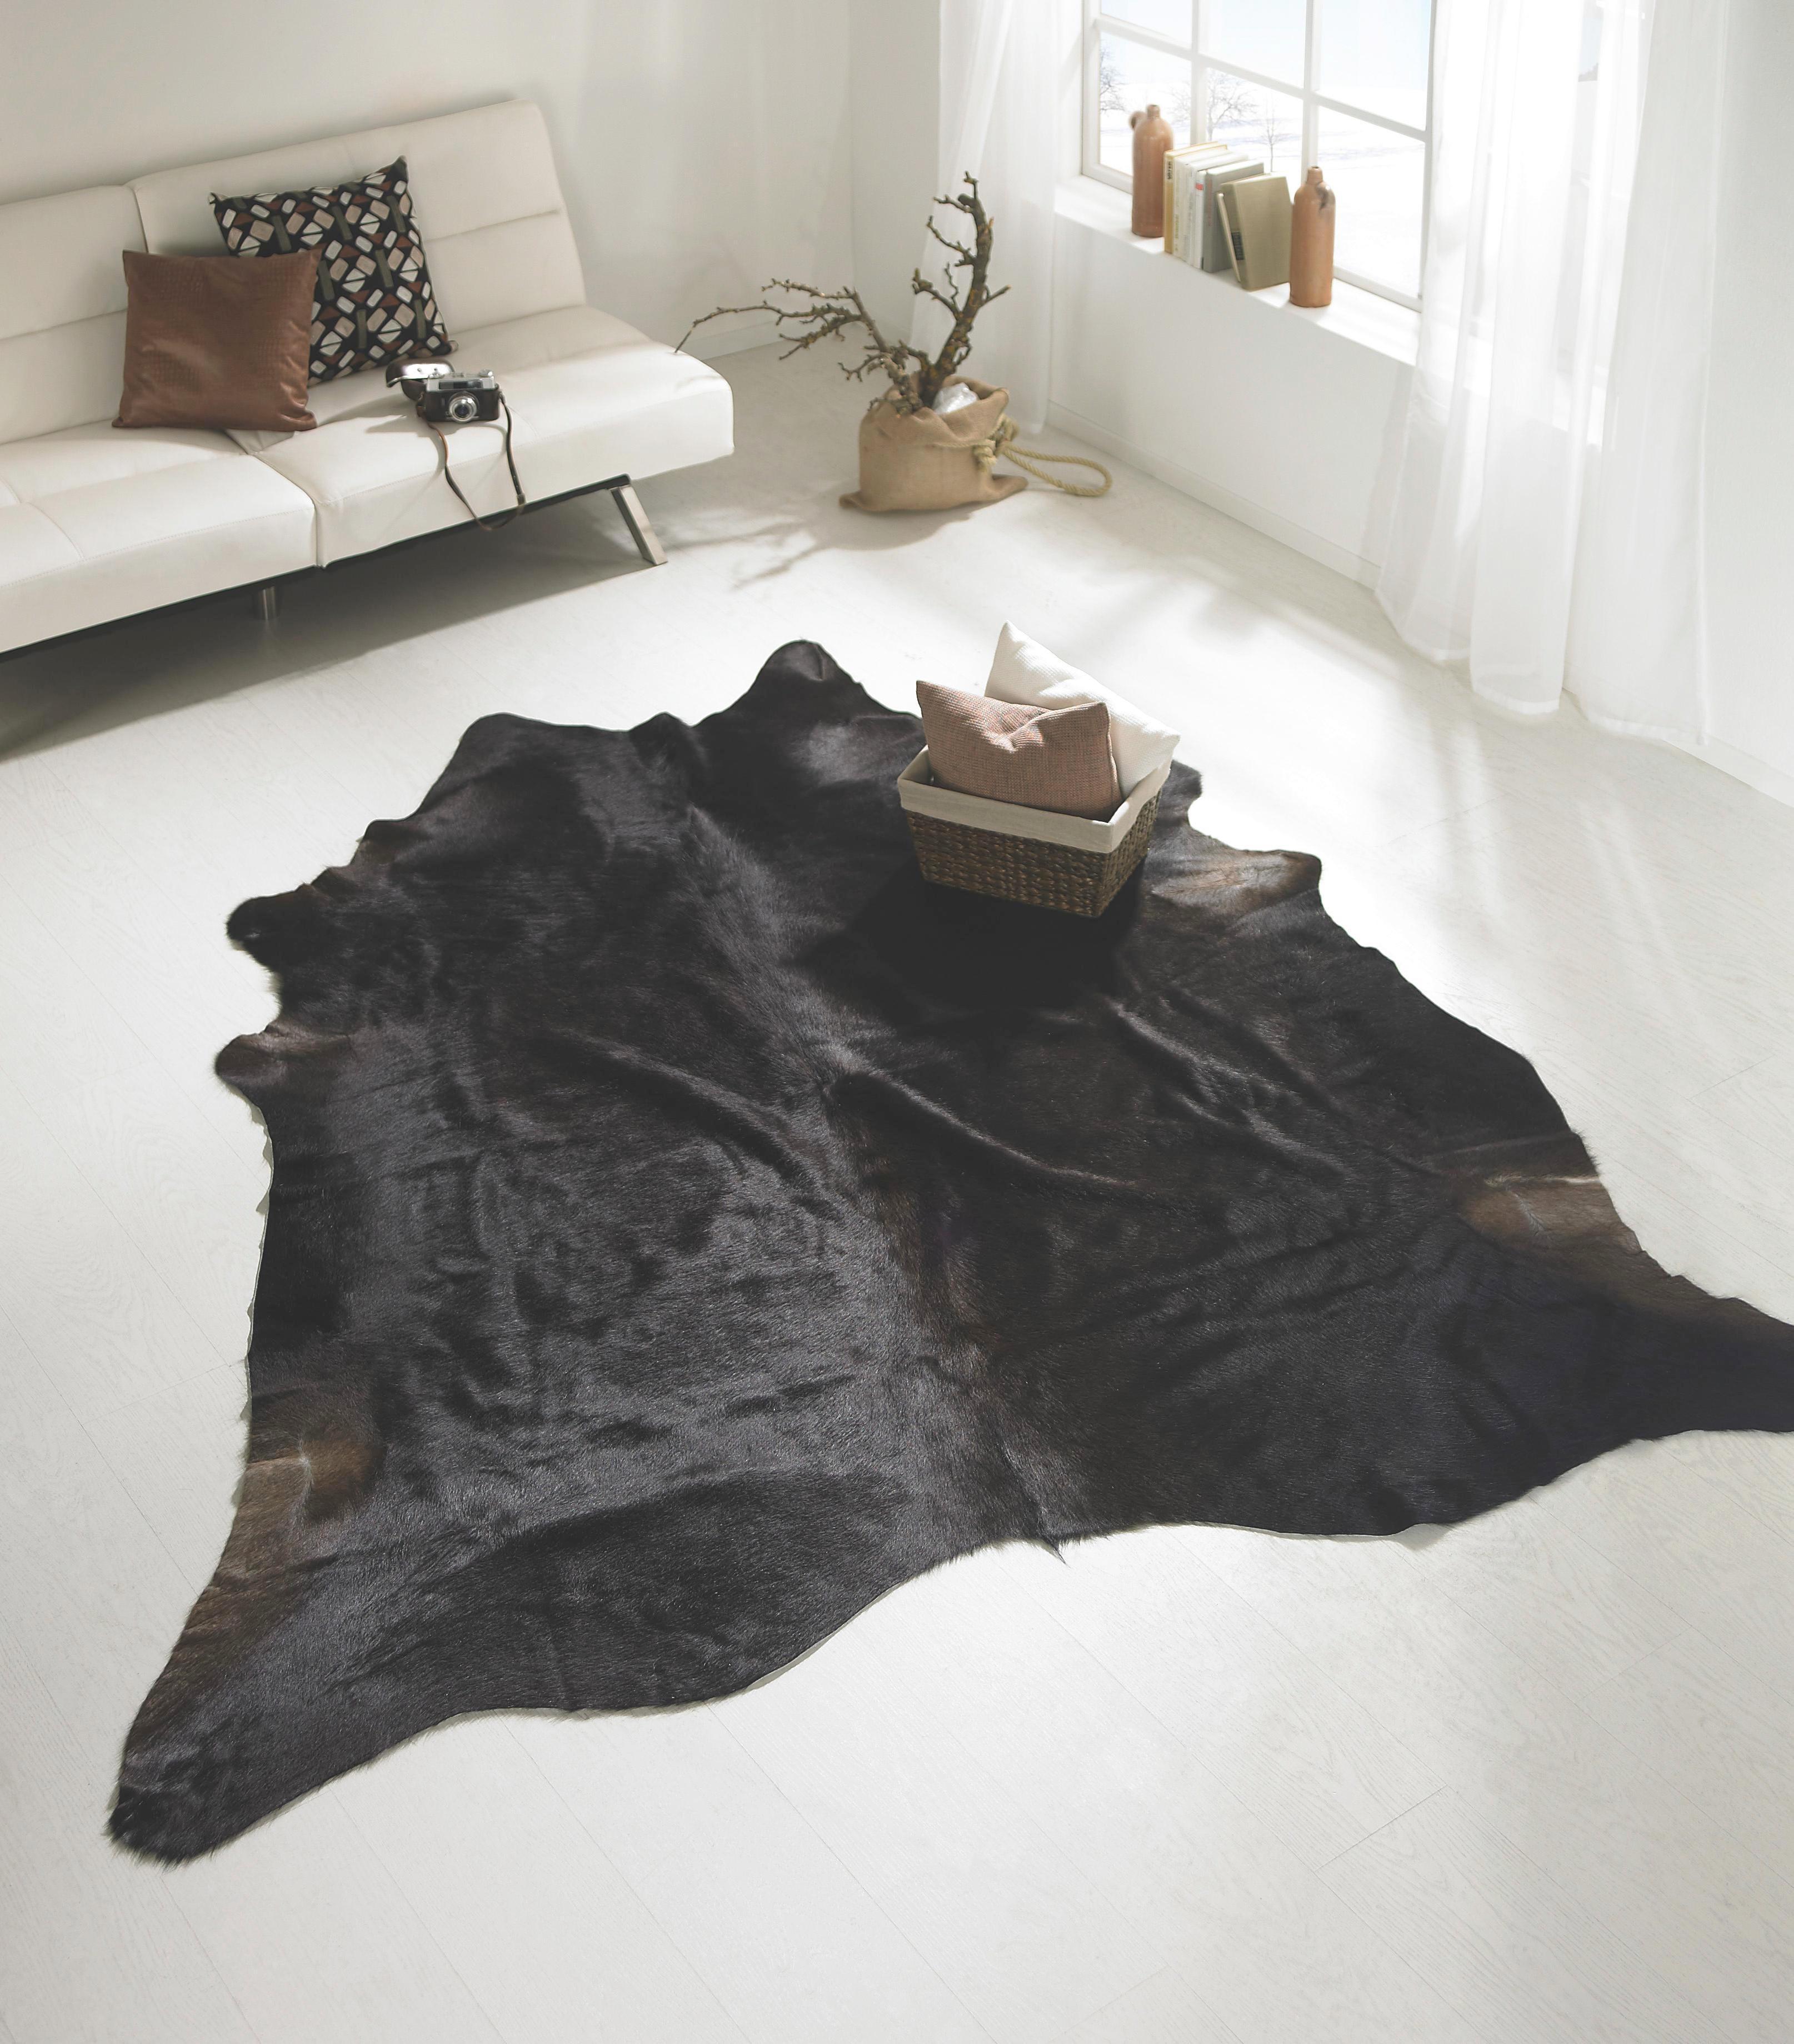 KŮŽE HOVĚZÍ - černá/hnědá, Lifestyle, textil/kůže (2-4,5qm) - LINEA NATURA